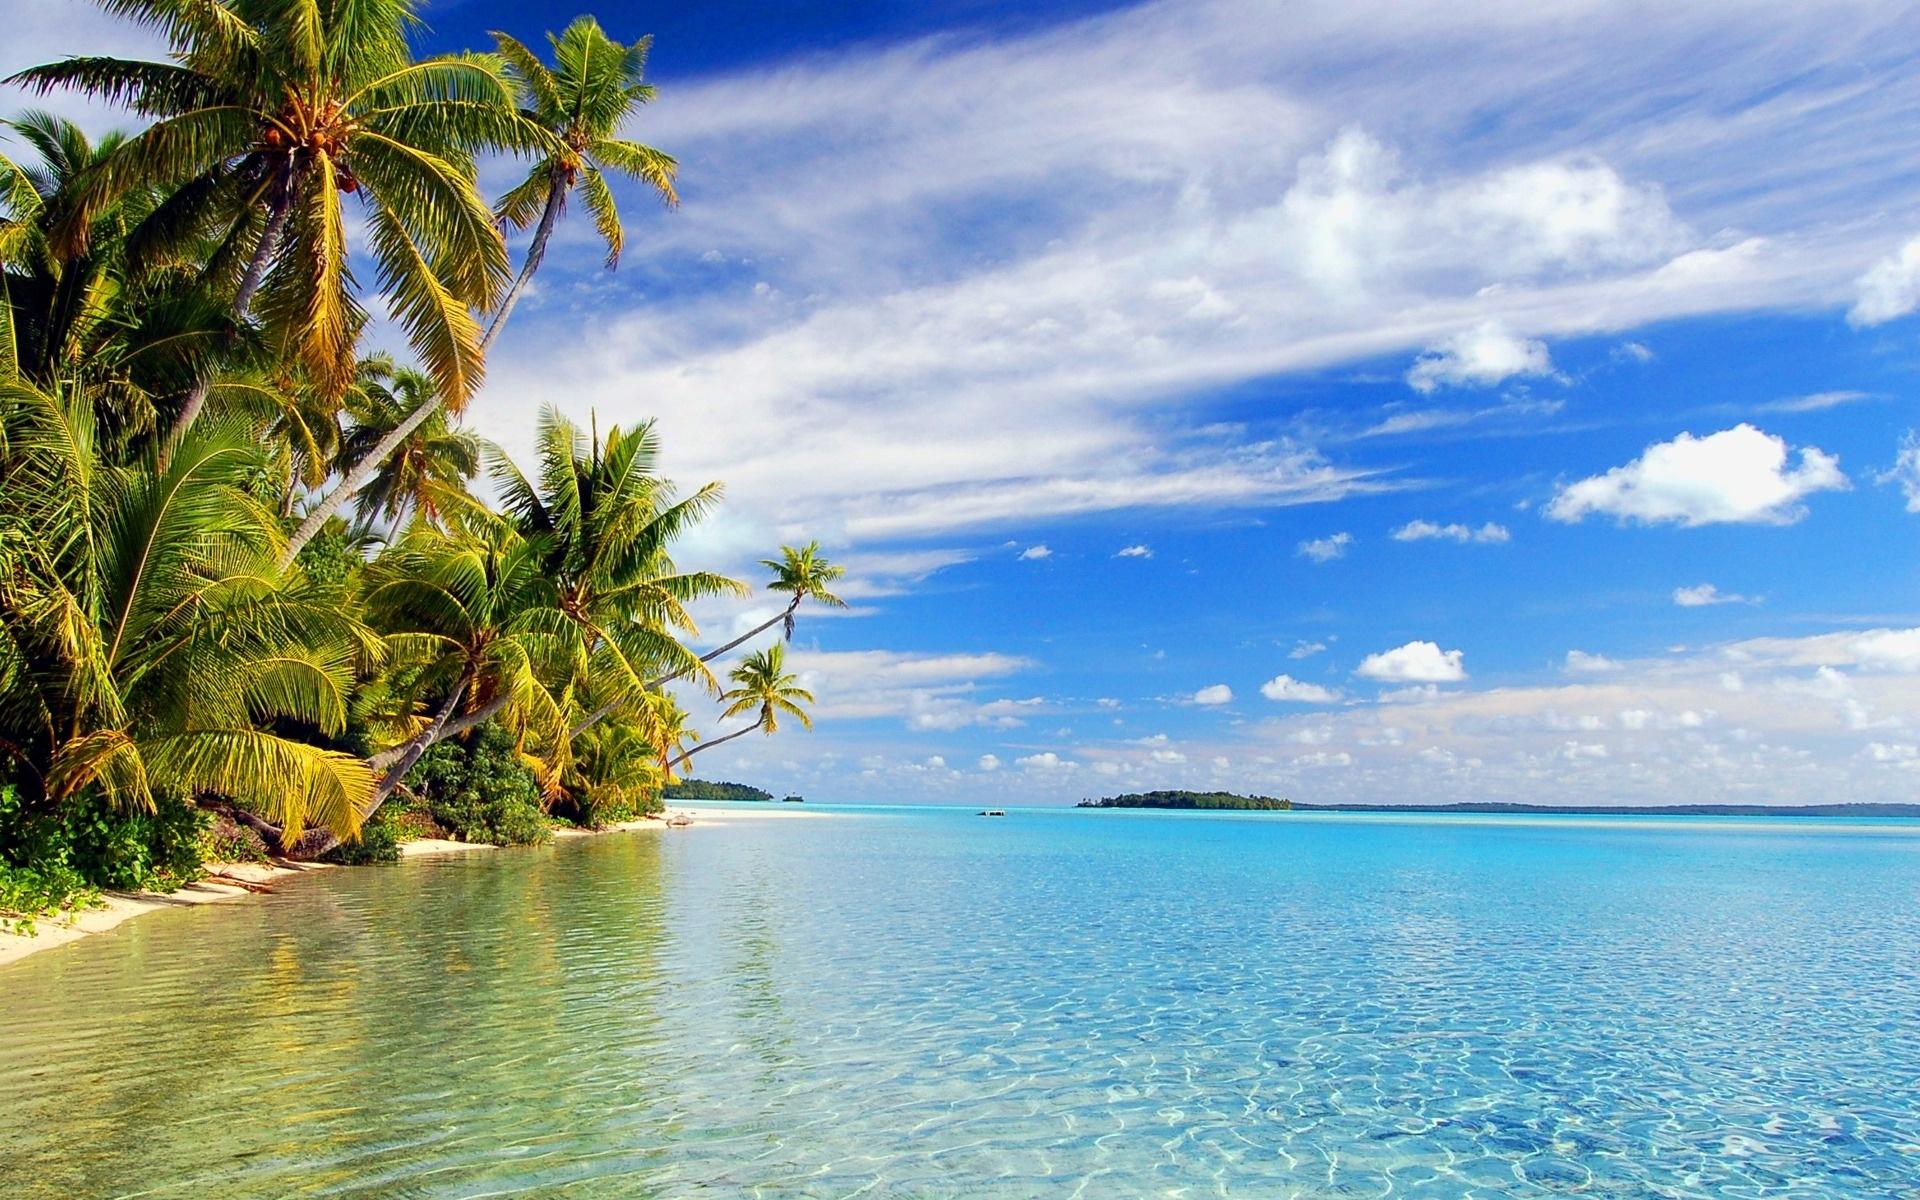 tropical papis de parede 1920x1200 descrio praia tropical 1920x1200